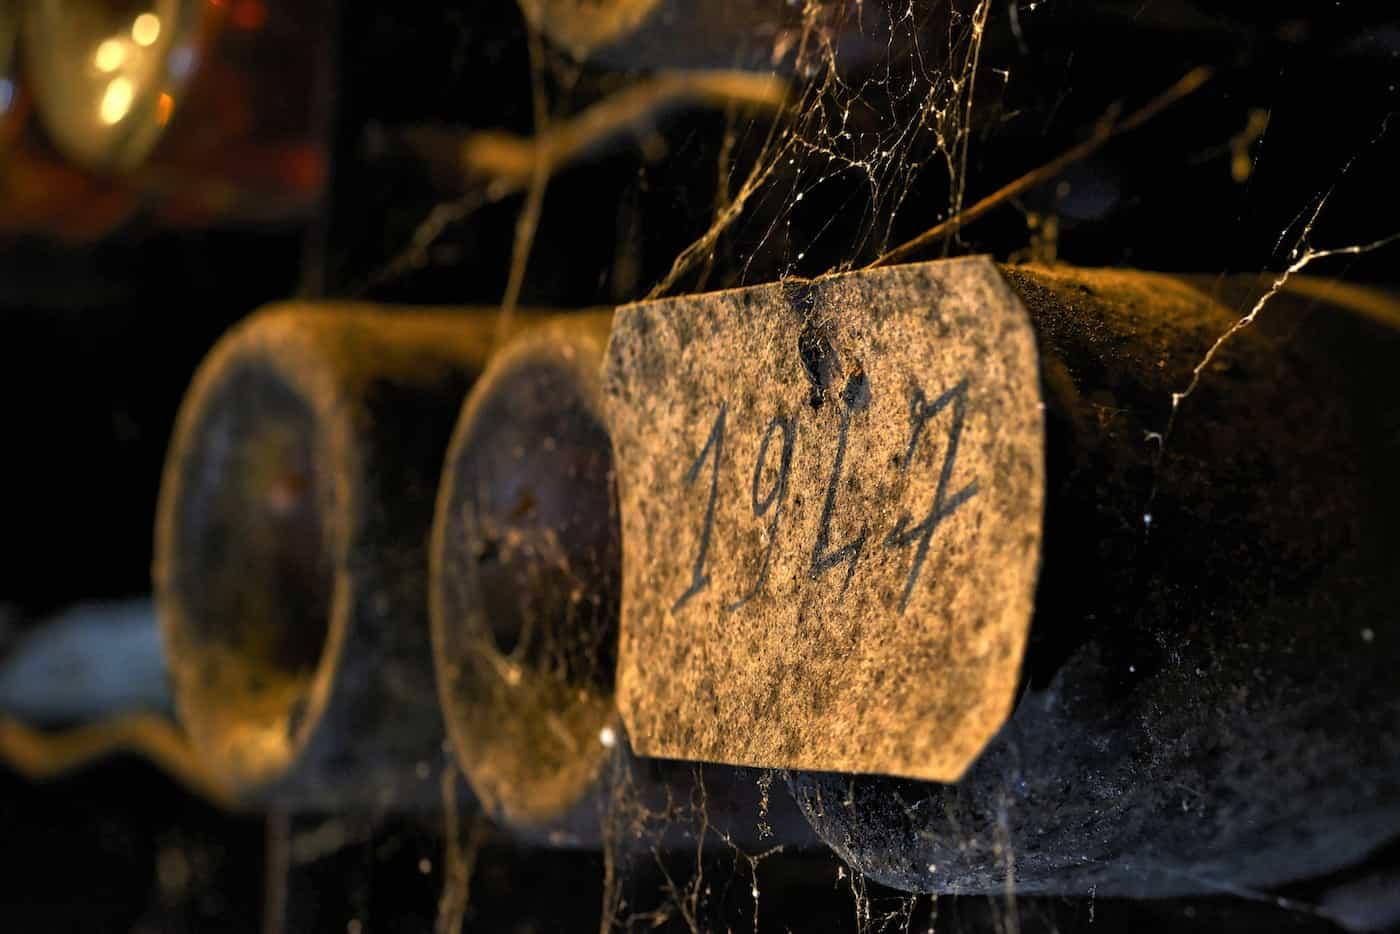 Haut-Bergeron grands vins de sauternes et Graves